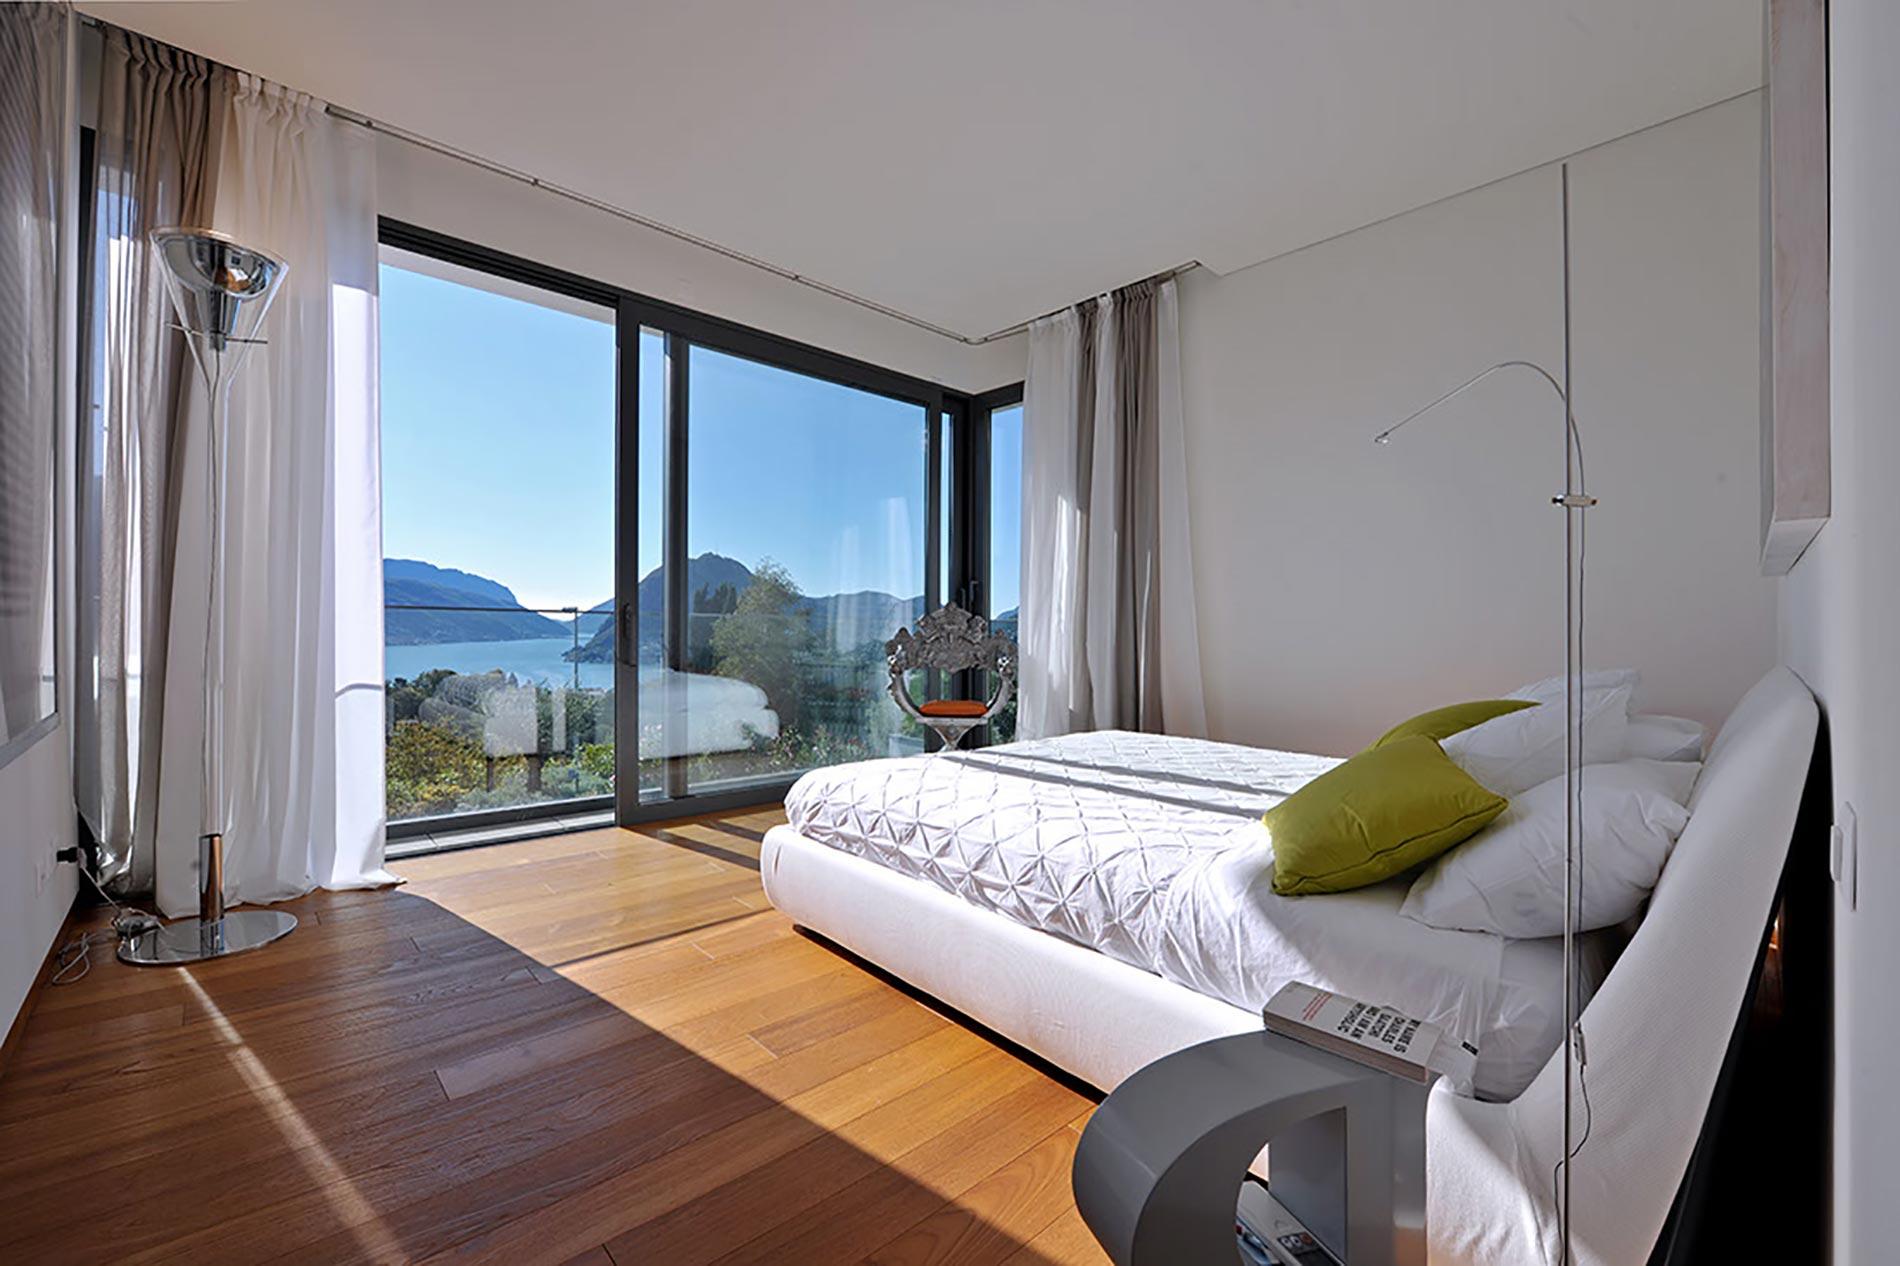 villa-lugano-antoniolupi---camera-da-letto-grande